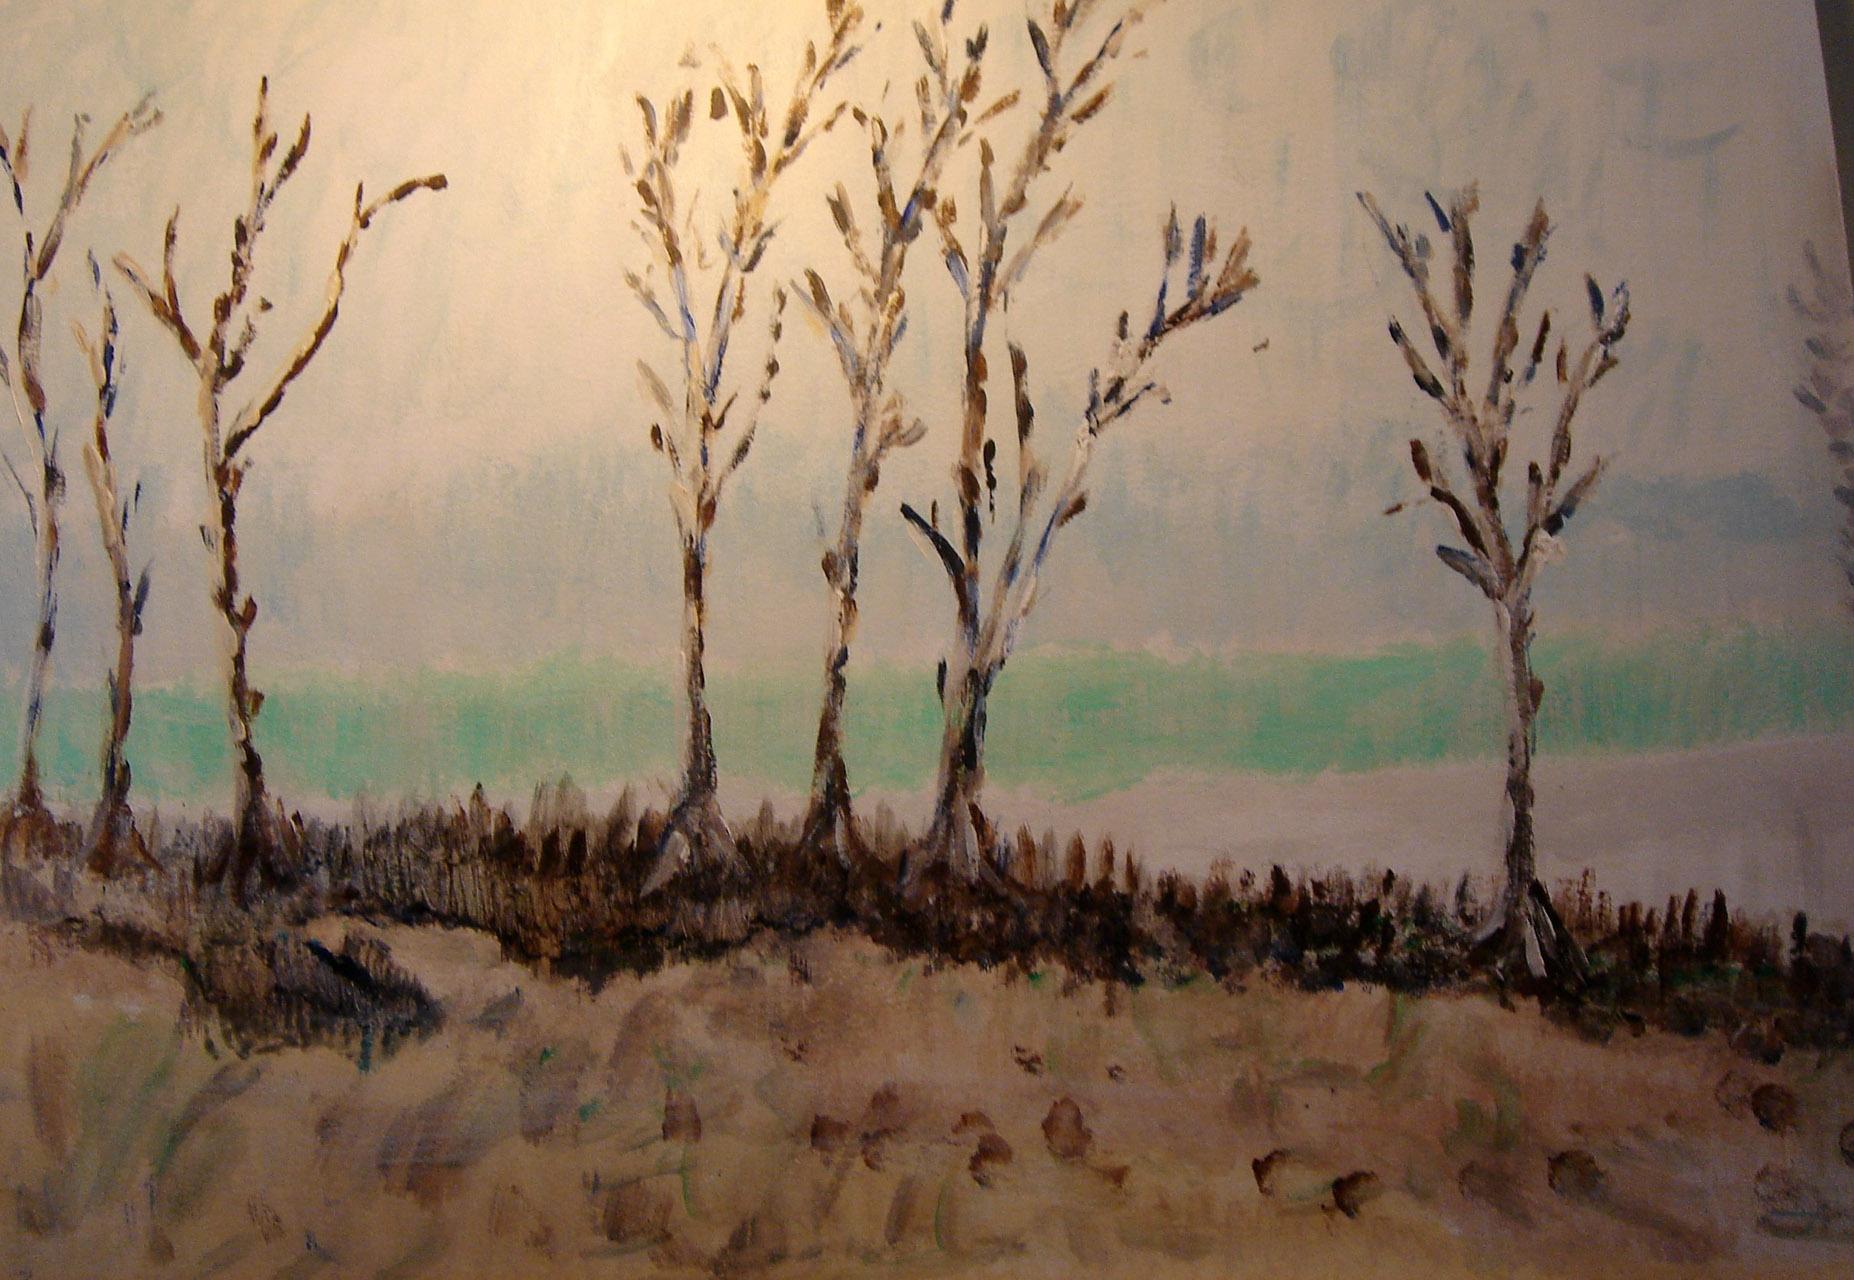 Frans van Bronkhorst_Verlaten landschap_acryl op doek_100x40